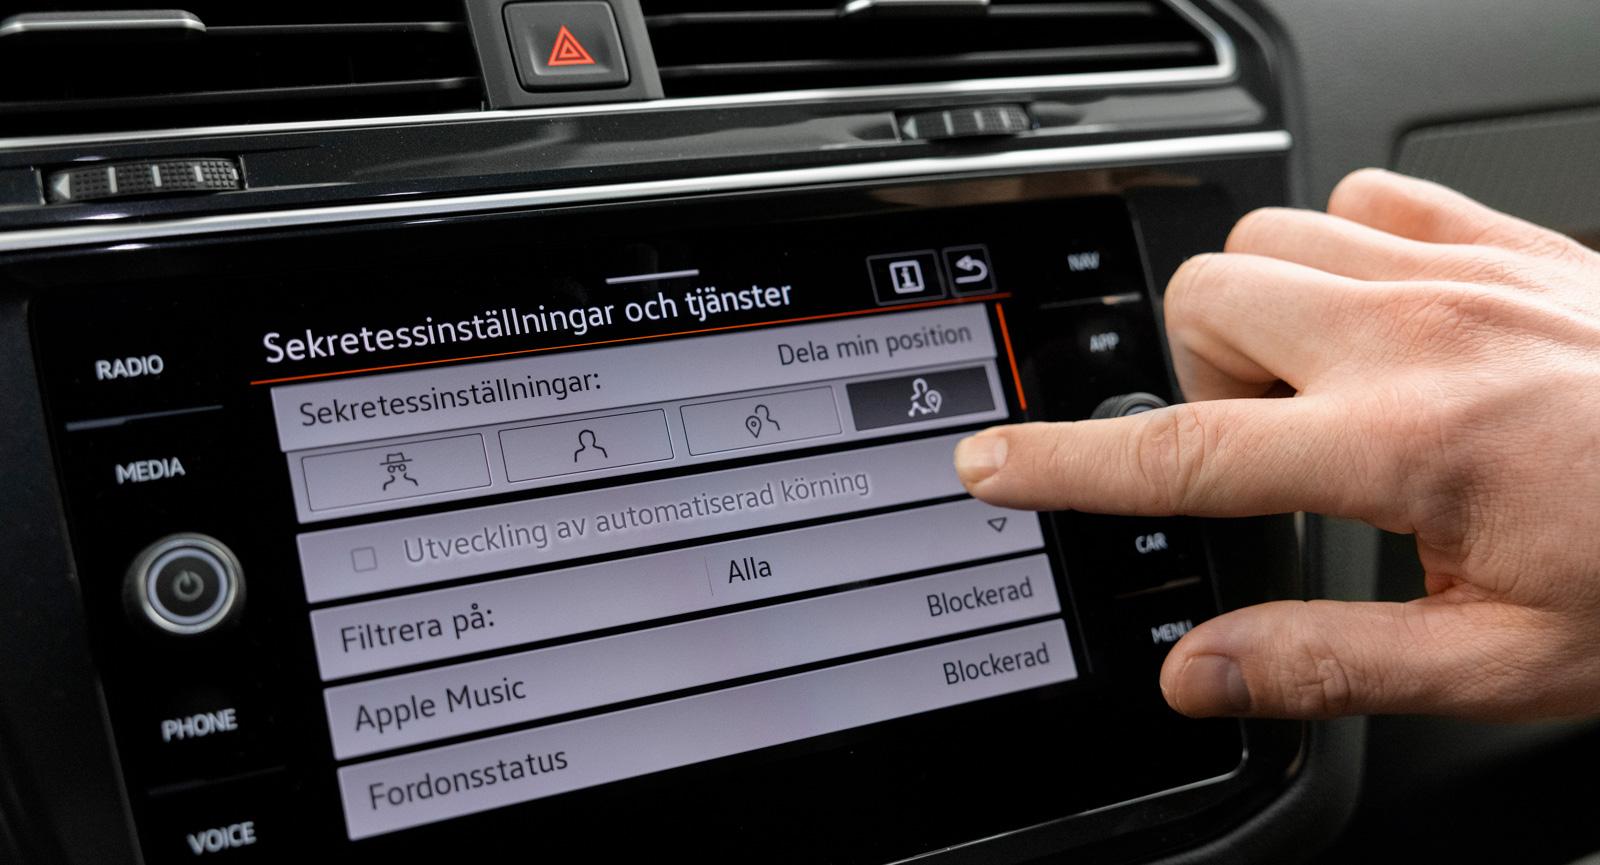 """4. VW följer Tesla. Idag går det inte att välja """"Utveckling av automatiserad körning"""" men mjukvaran är redo."""